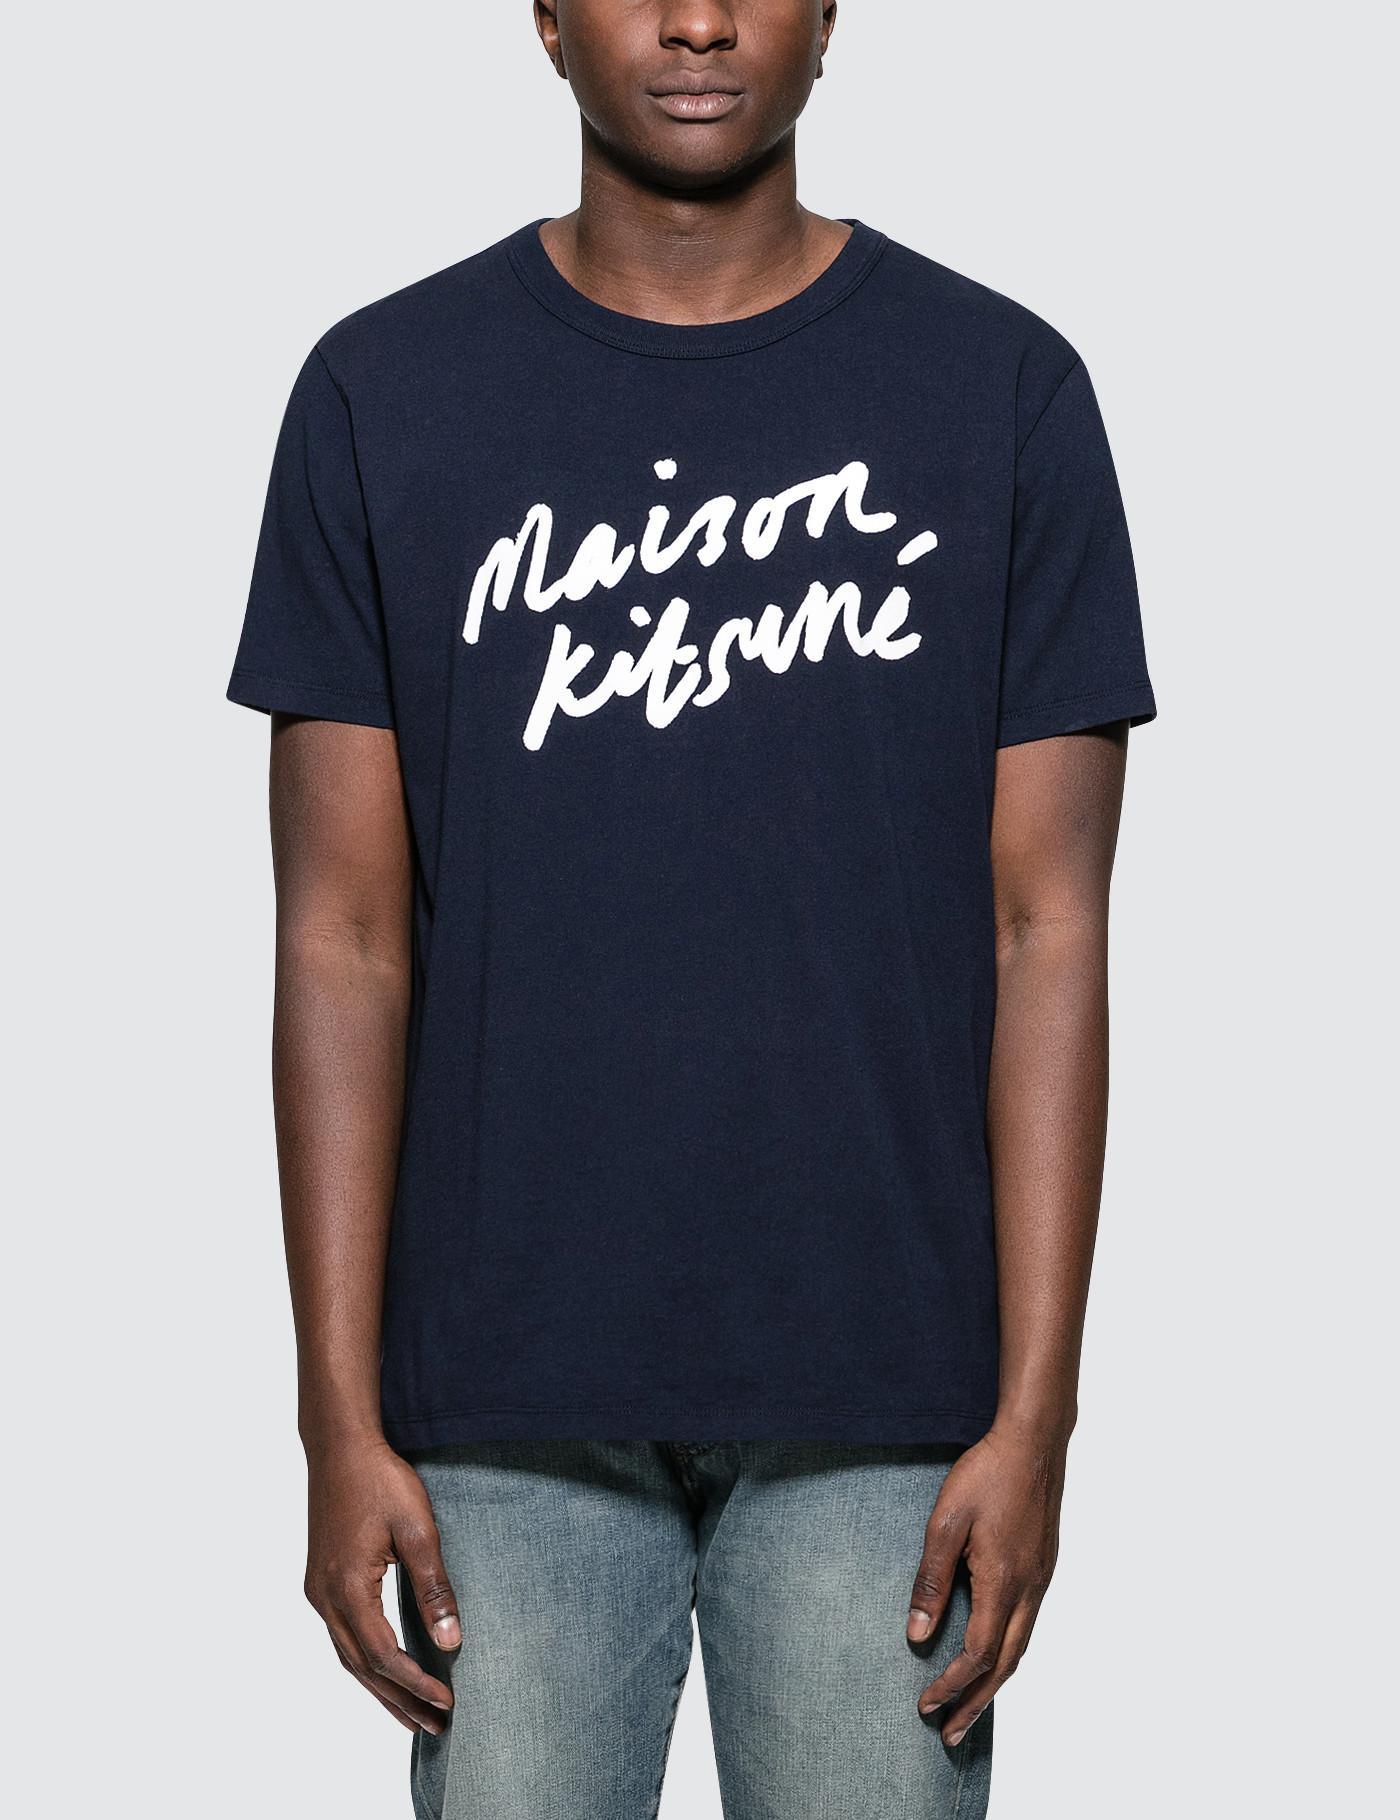 7708de825db3 Maison Kitsuné Handwriting S s T-shirt in Blue for Men - Lyst